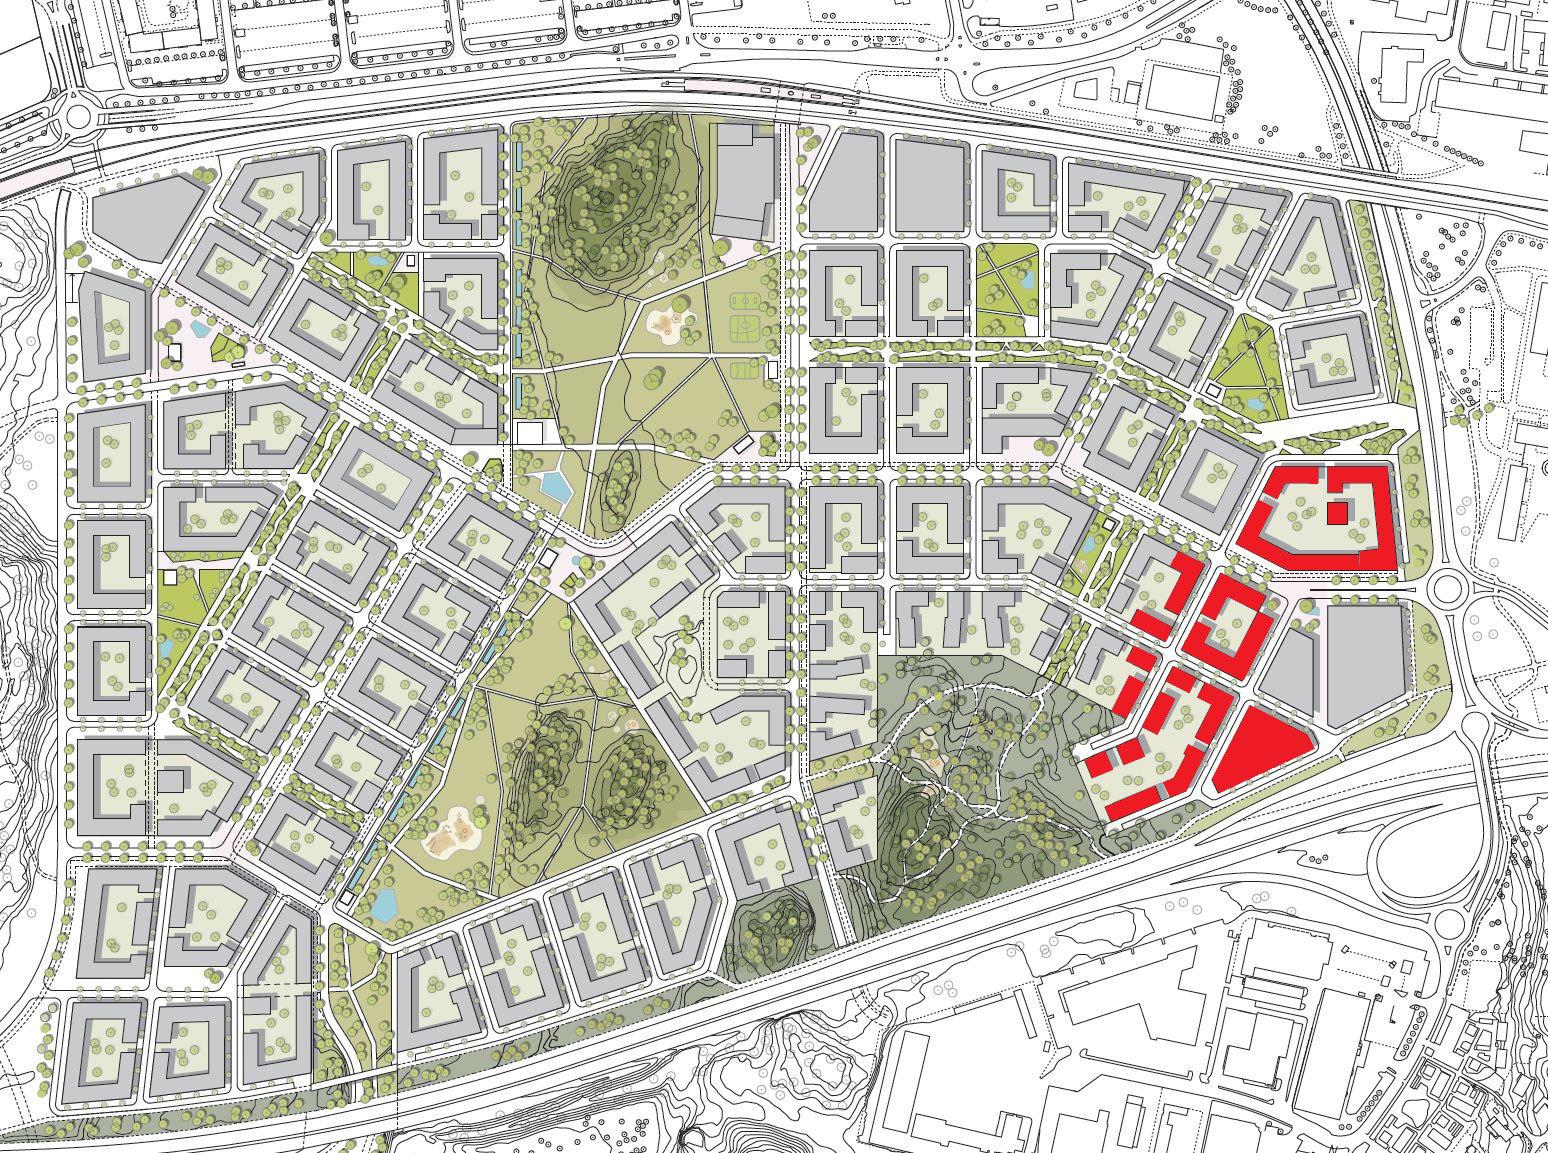 Vid östra entrén ska Riksbyggen uppföra 400 bostäder i etapp 1. Totalt planerar man bygga cirka 700 lägenheter.